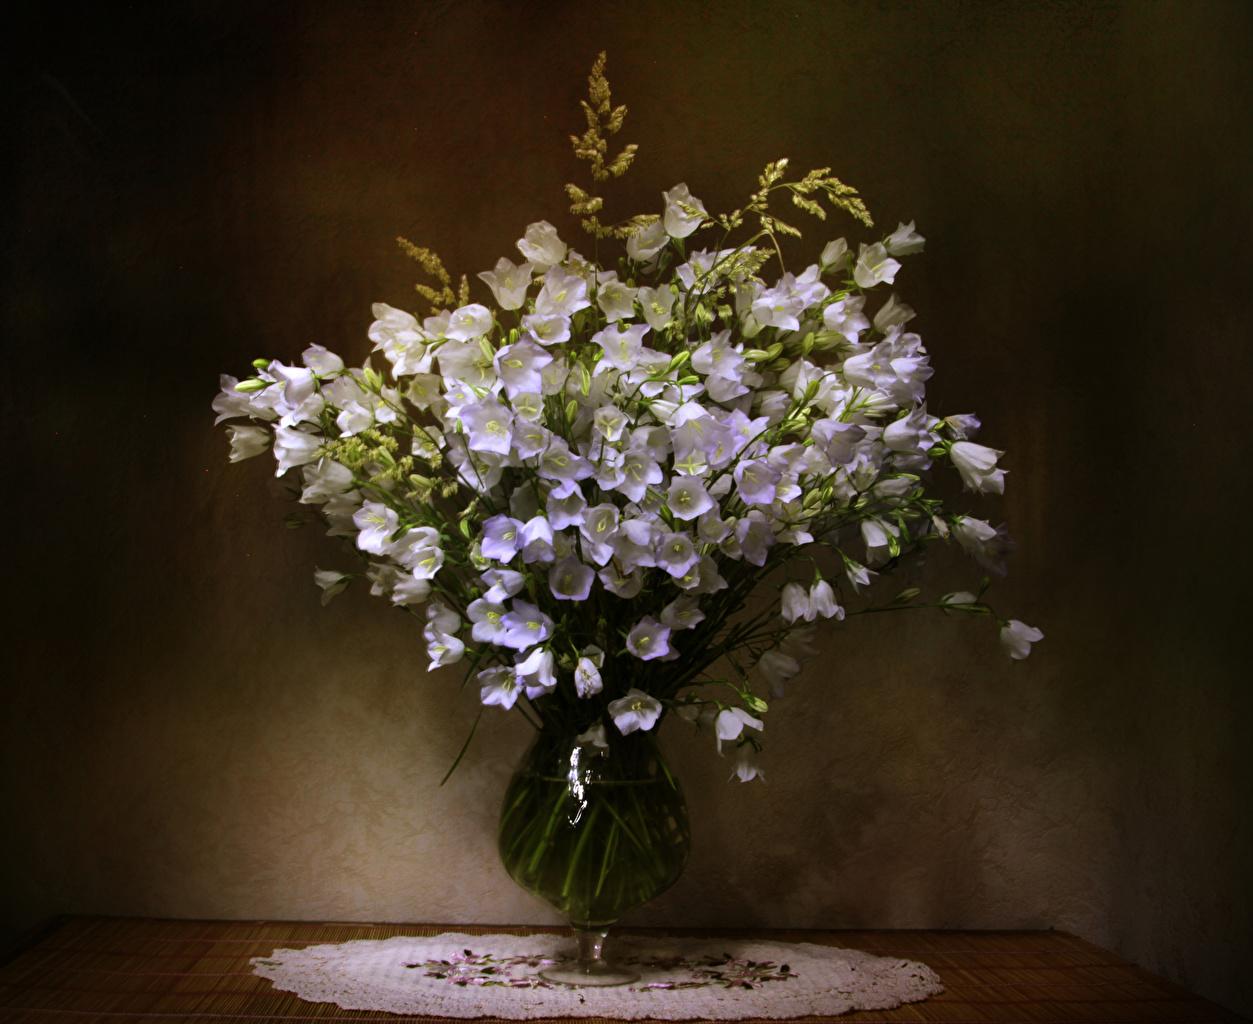 Картинка Букеты Цветы Колокольчики - Цветы Ваза